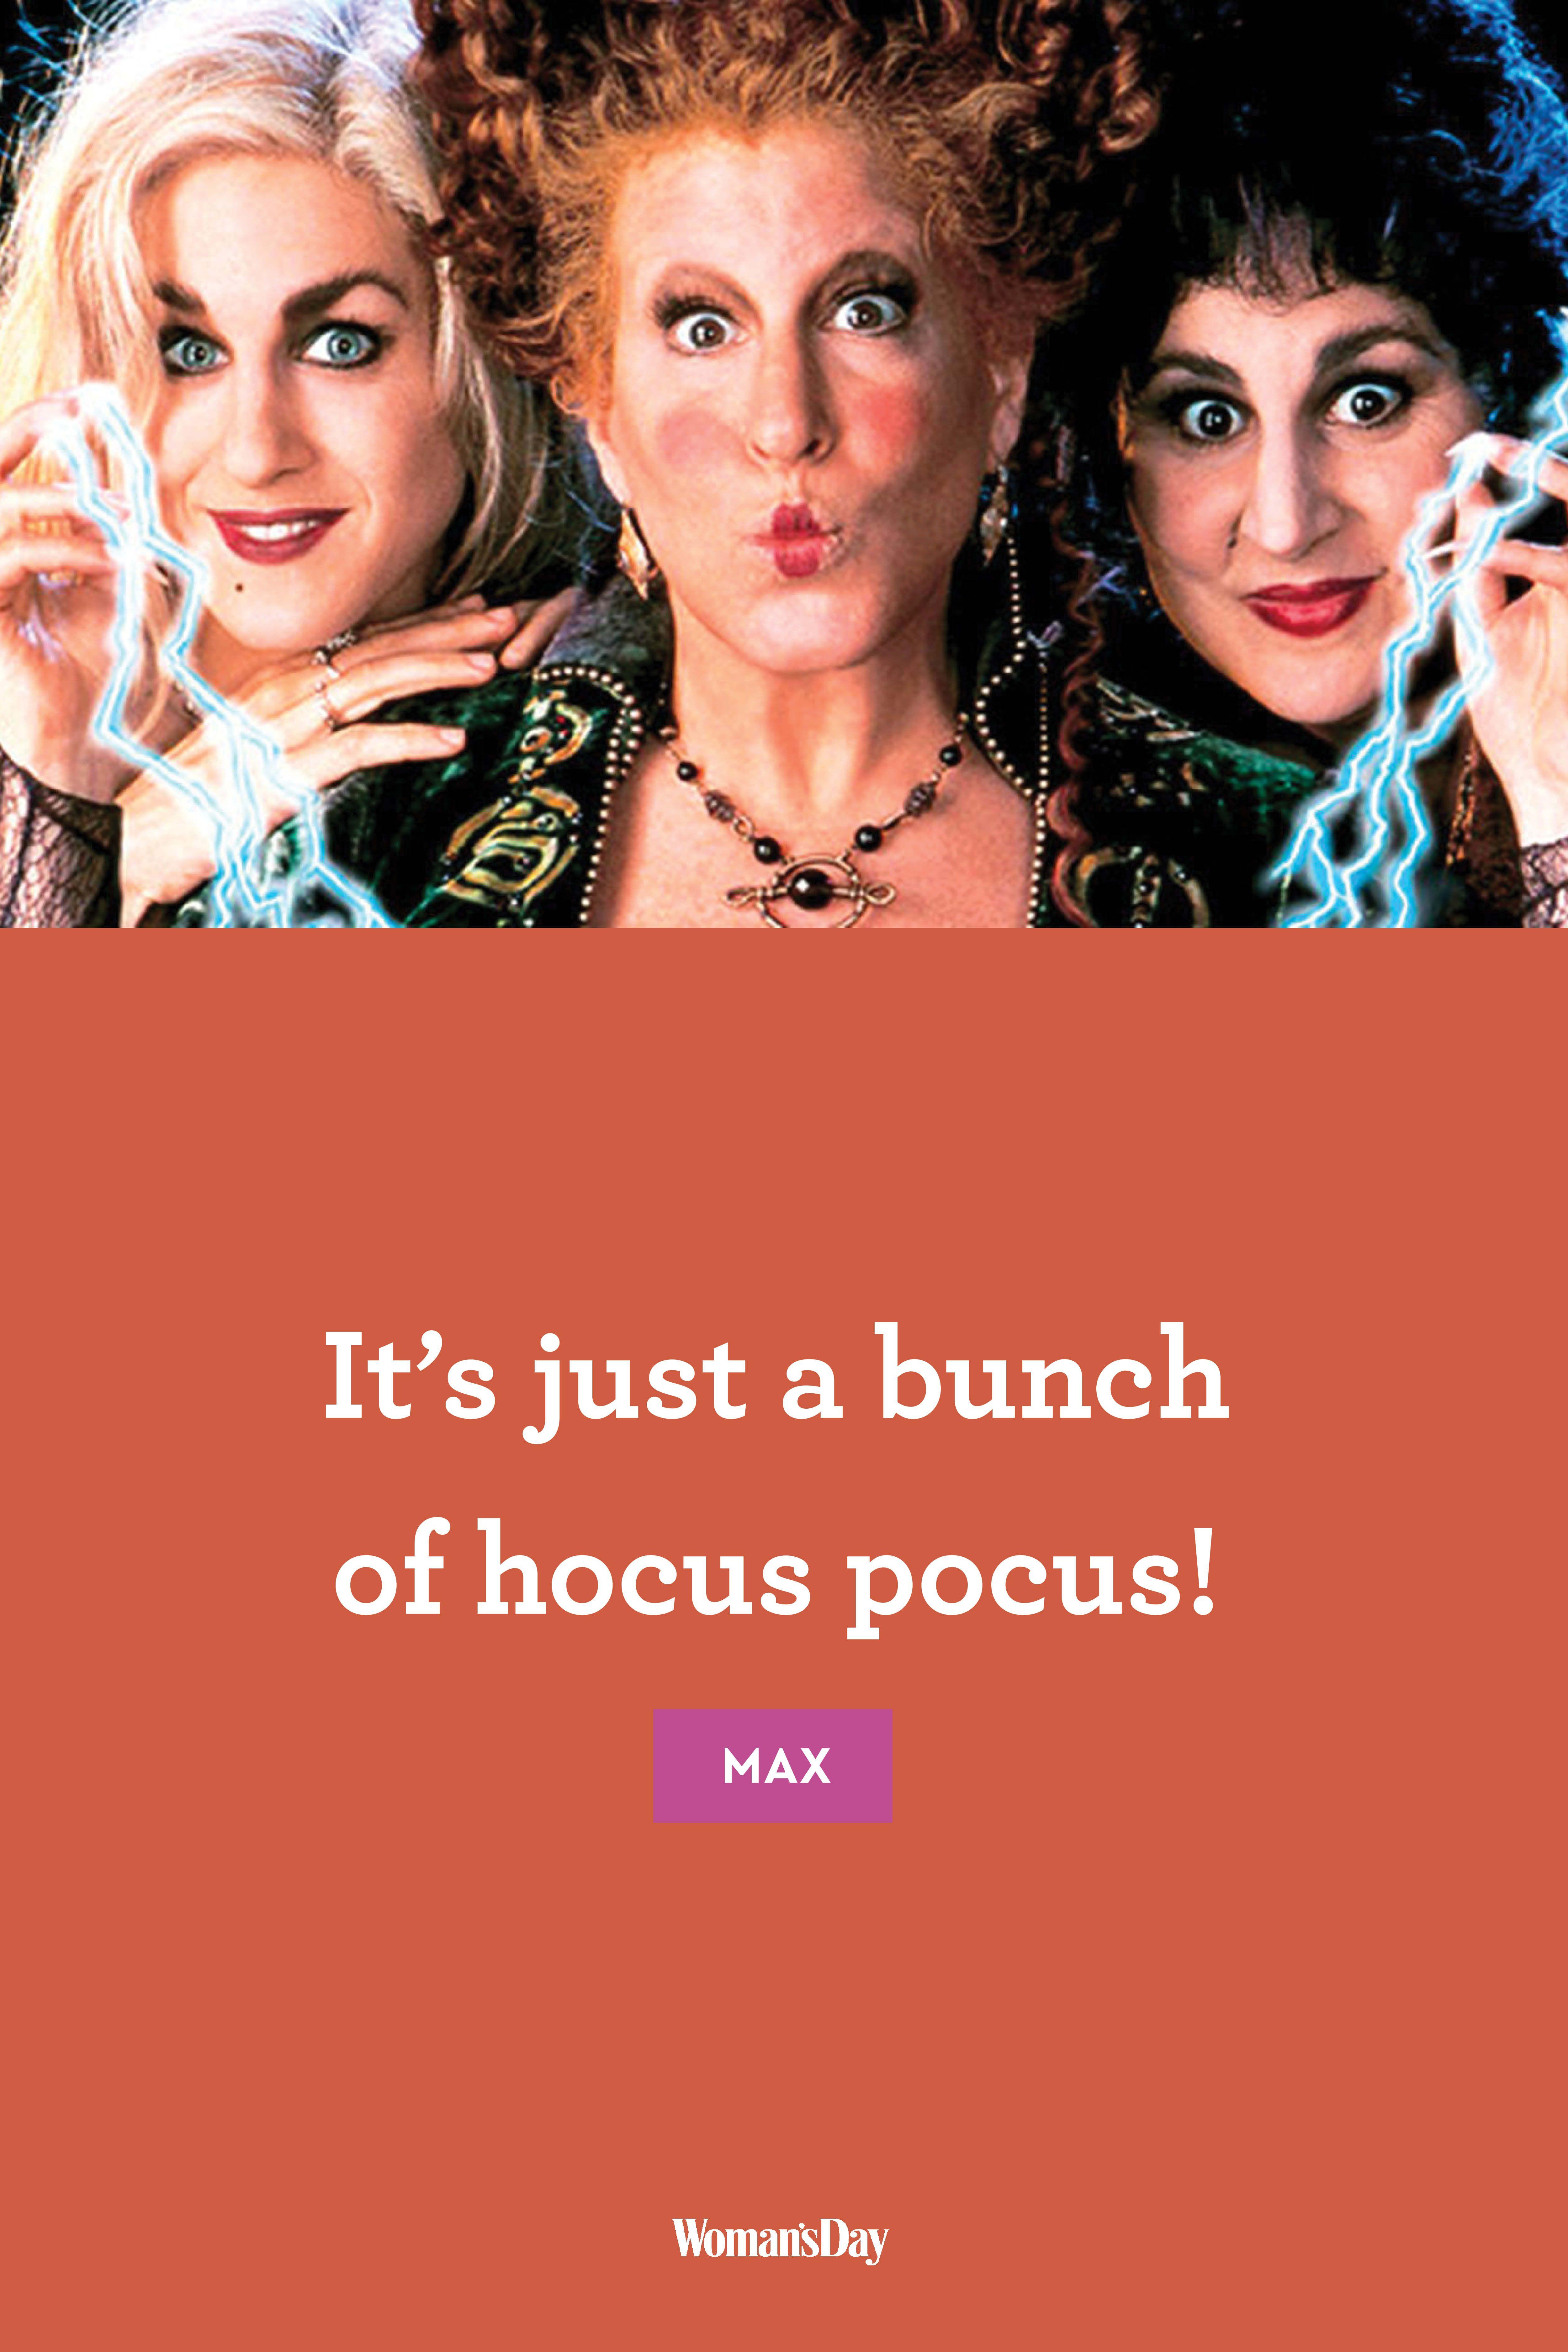 hocus pocus quotes